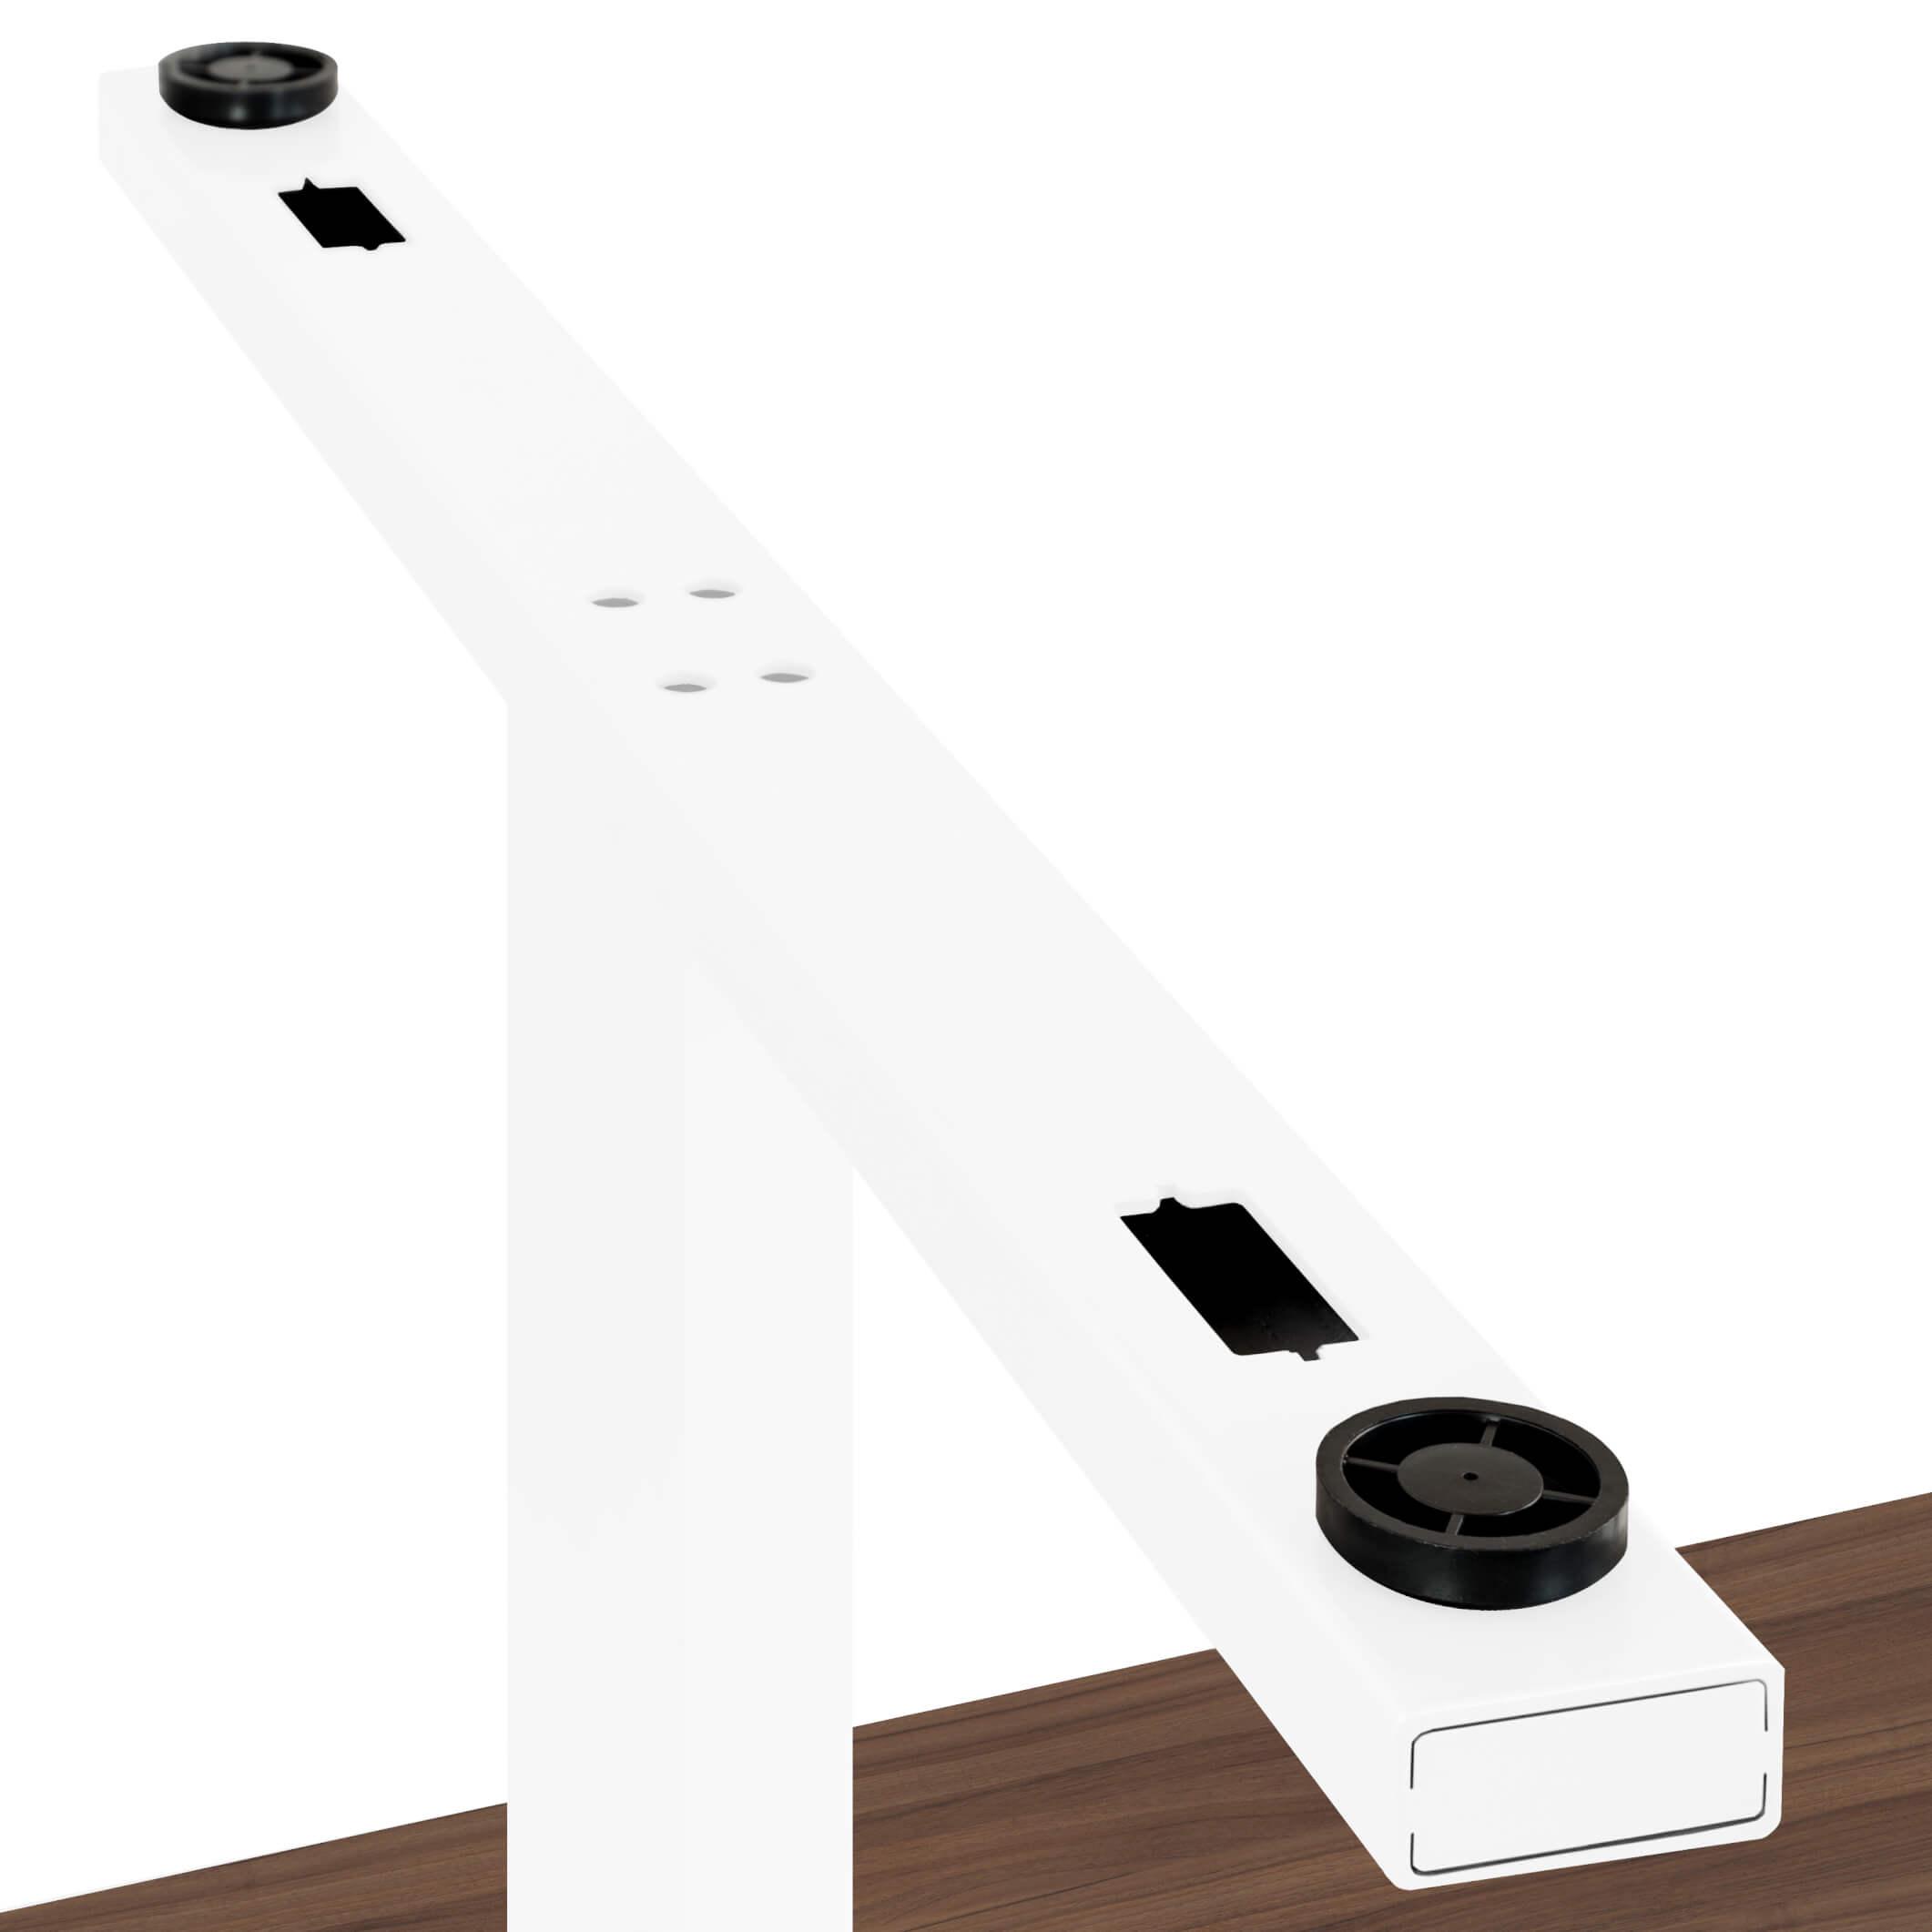 EASY Konferenztisch Bootsform 180x100 cm Nussbaum Besprechungstisch Tisch